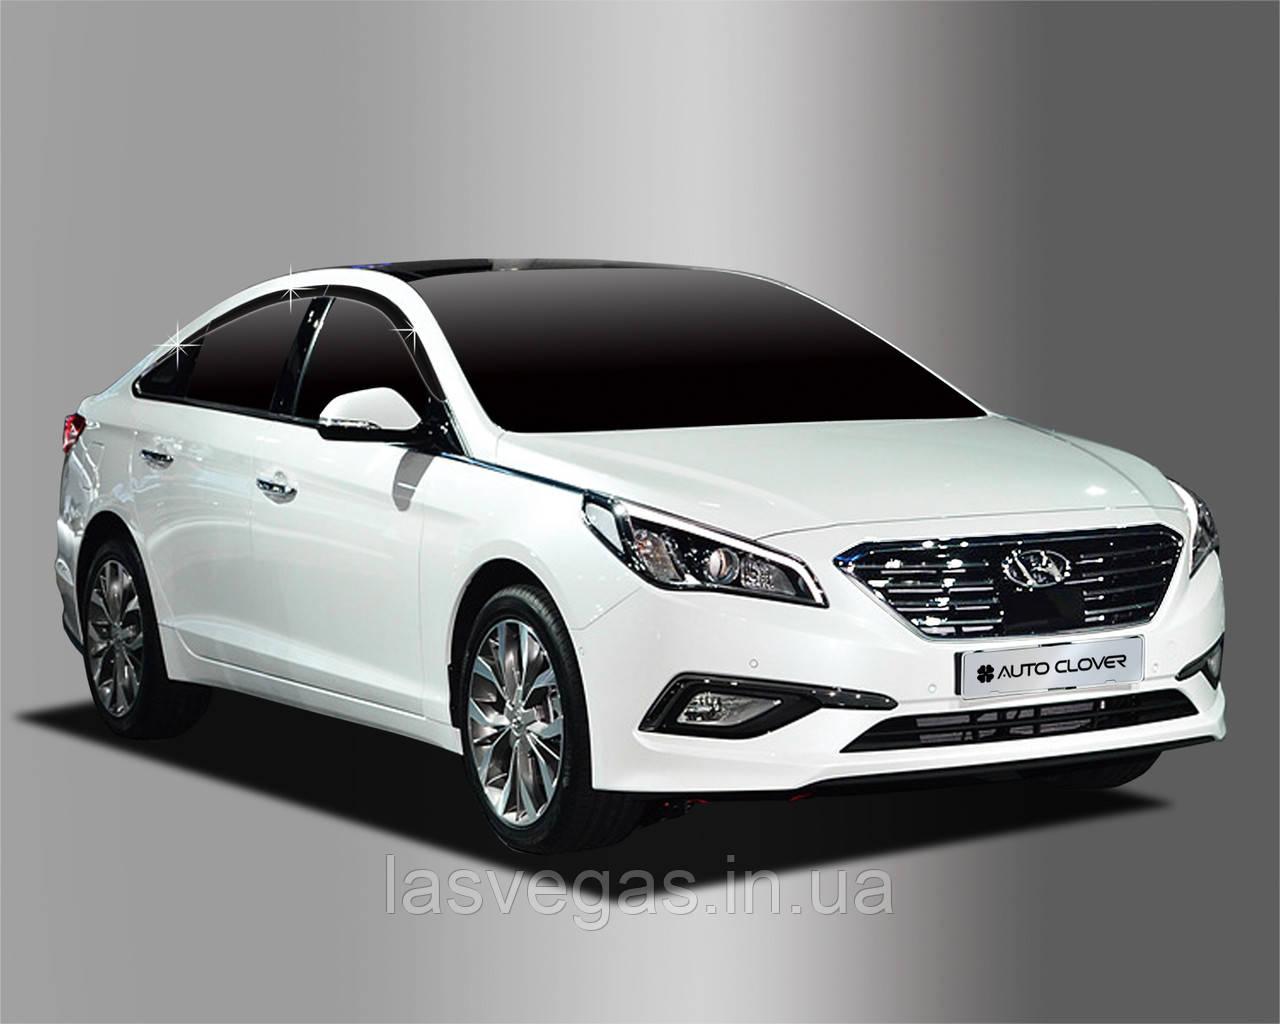 Ветровики , дефлекторы окон Hyundai Sonata LF 2014-2018- (Autoclover) A196